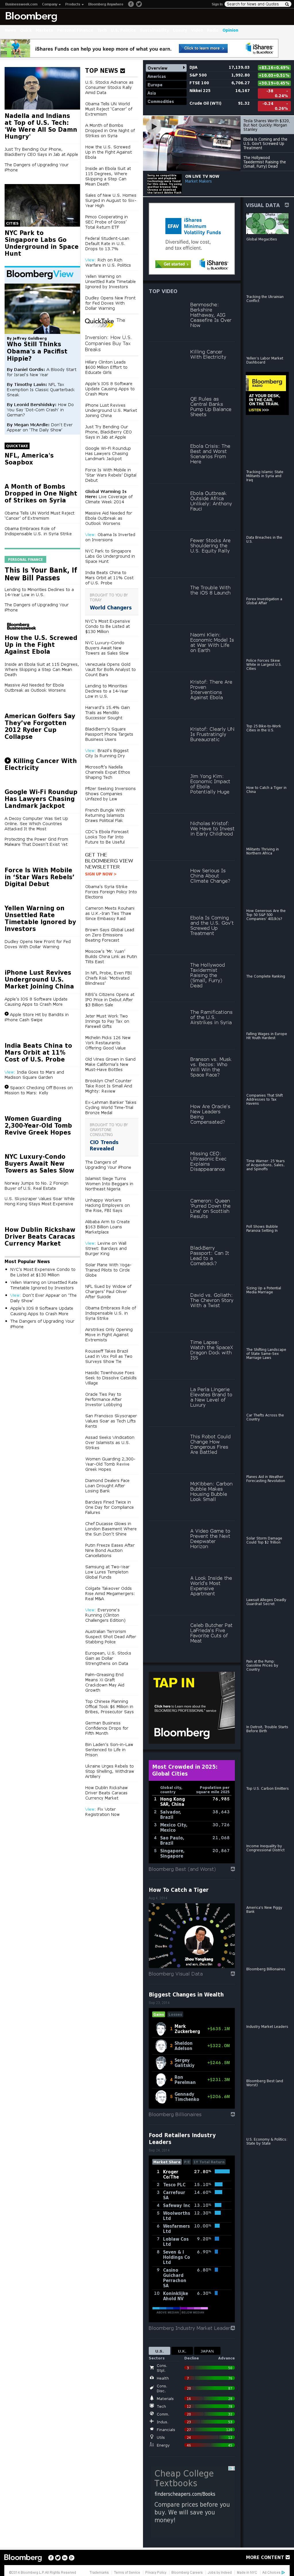 Bloomberg at Wednesday Sept. 24, 2014, 4 p.m. UTC